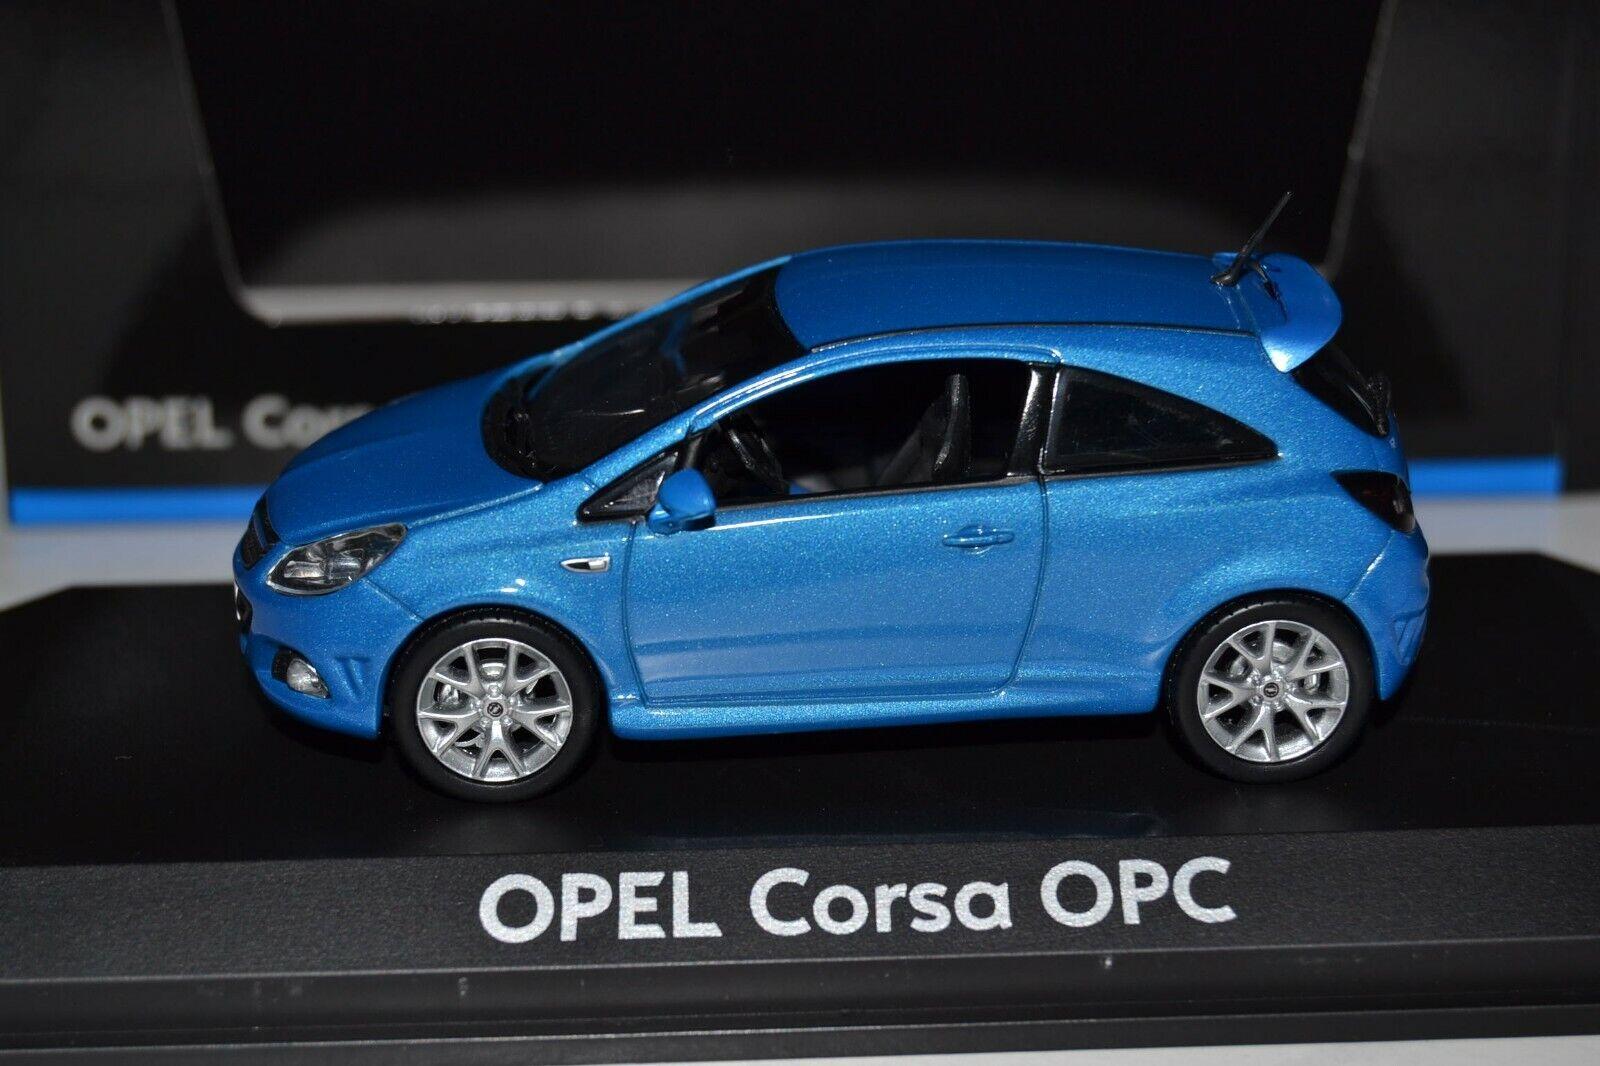 1 43 Norev Opel Corsa D OPC Ardenenblue Metallic 2007-2011